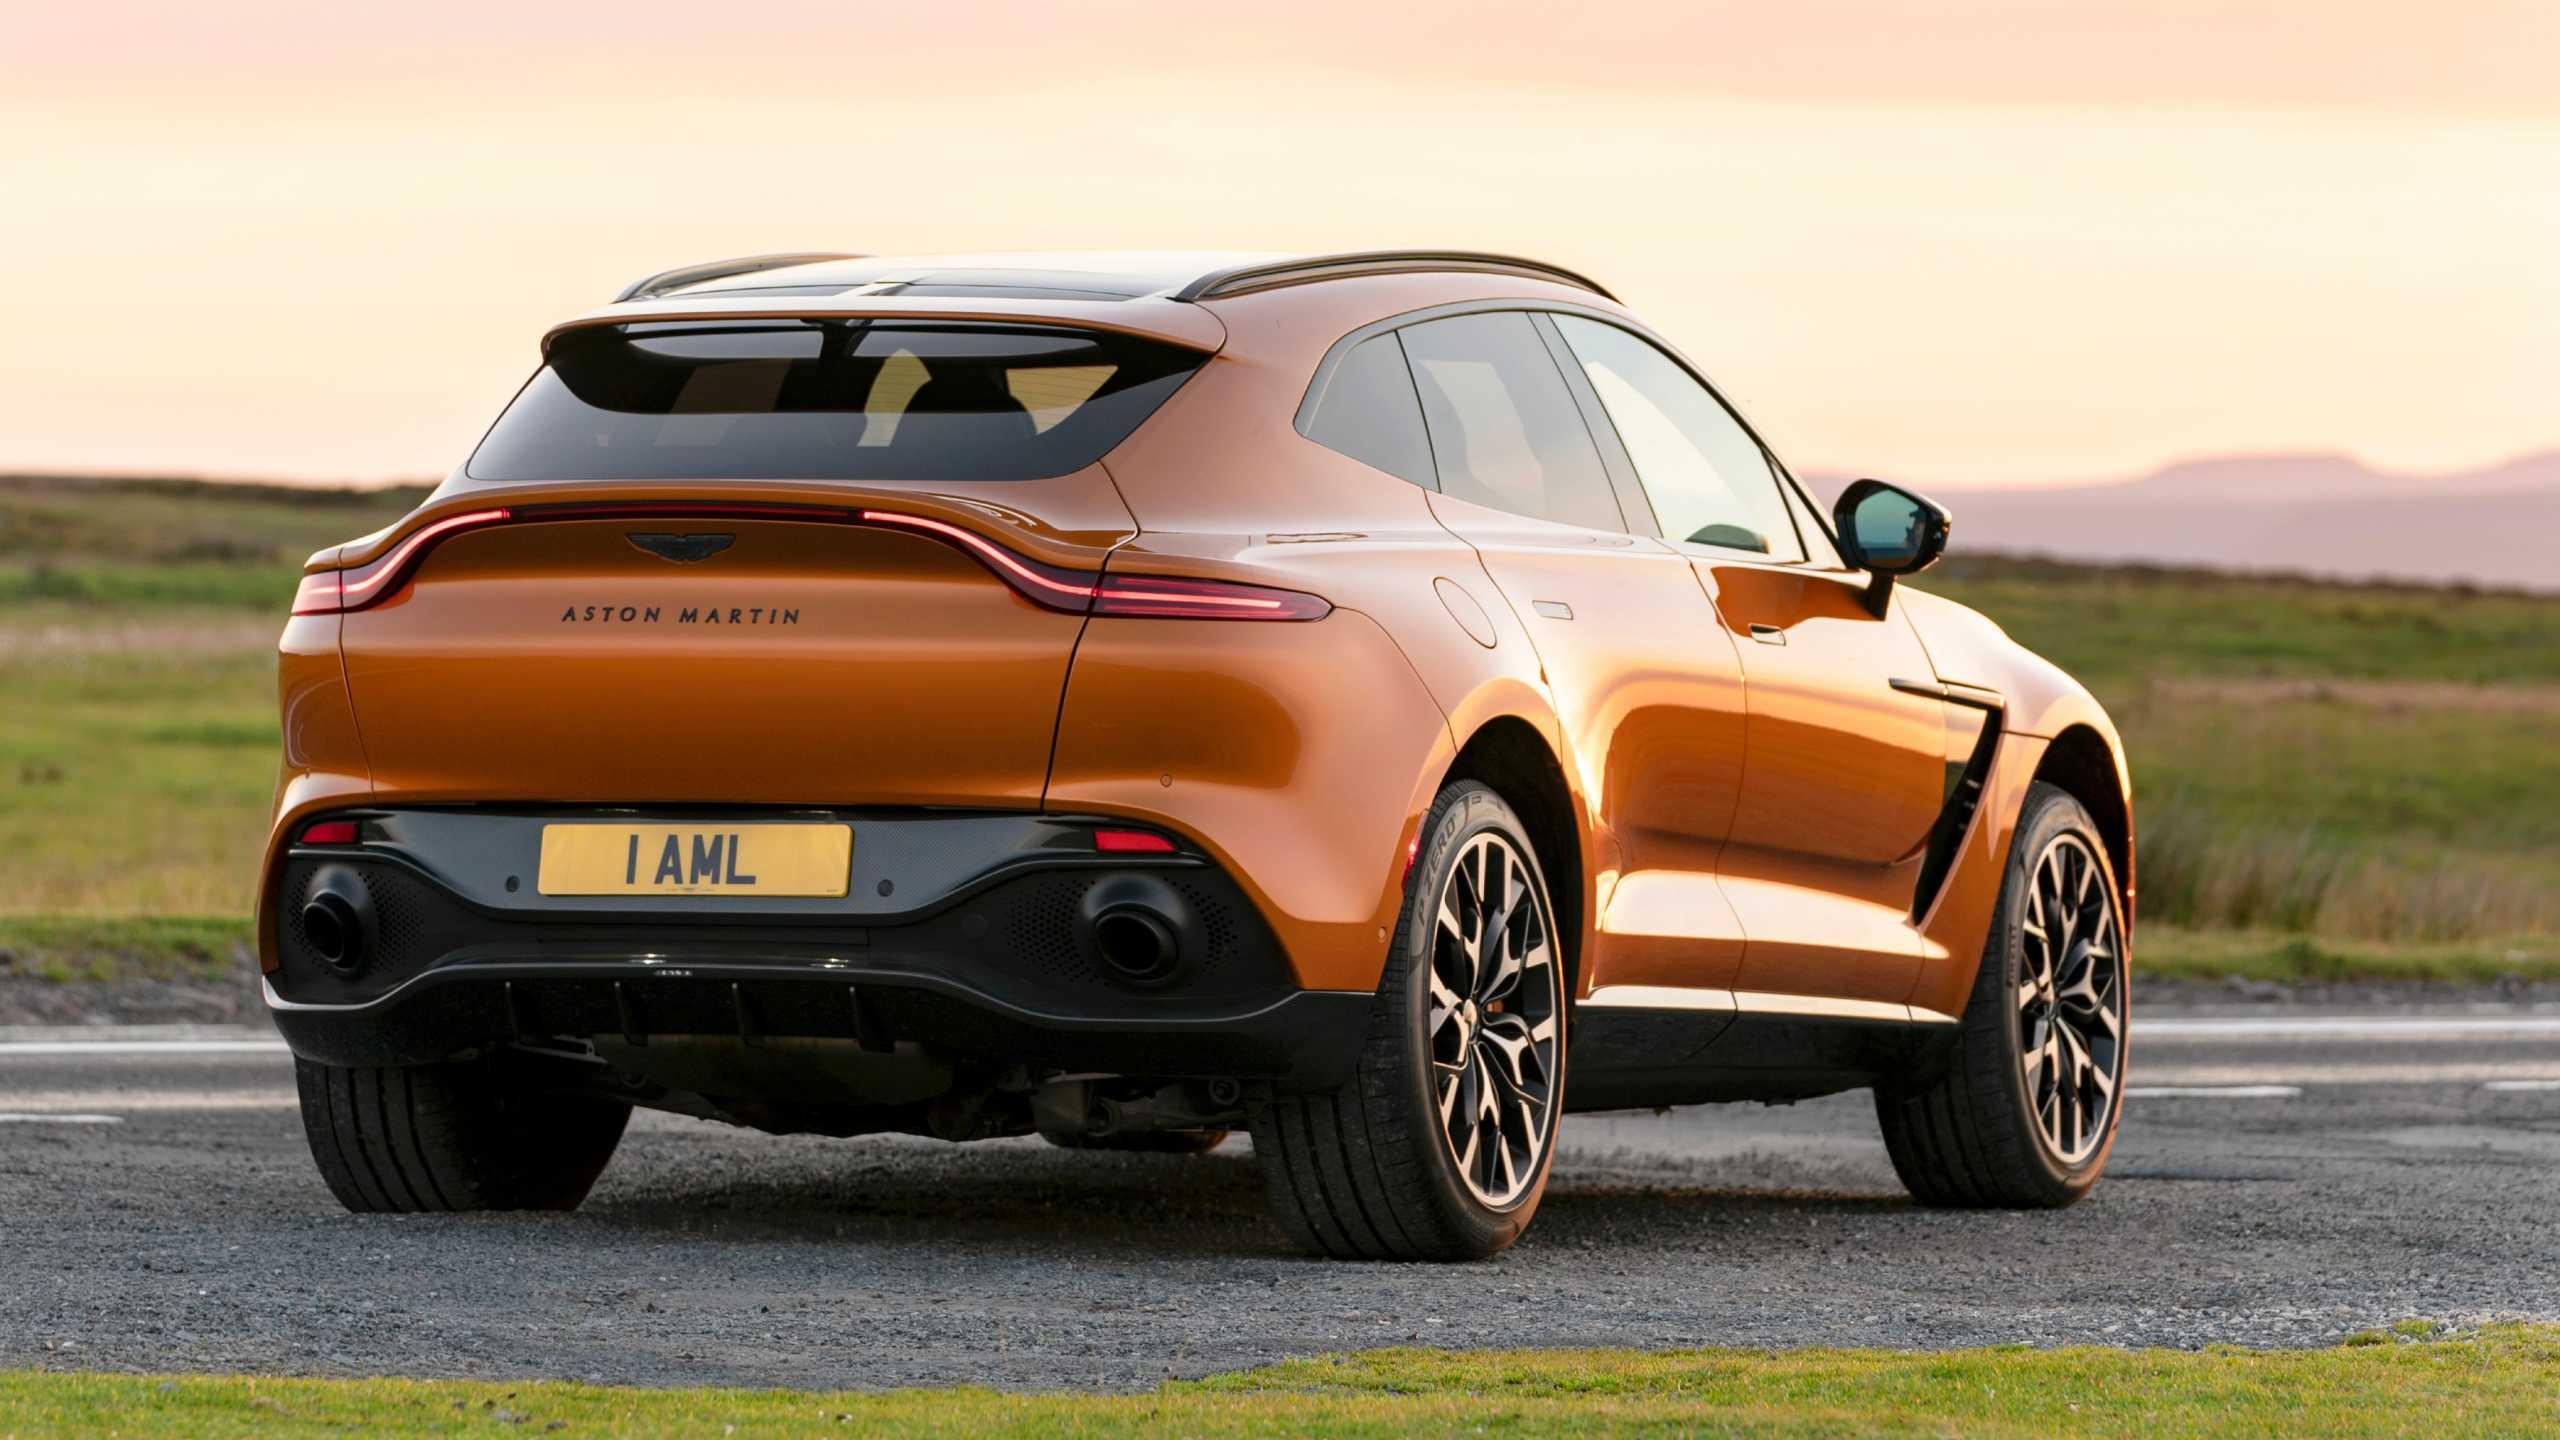 Ανάκληση Aston Martin DBX γιατί ξέχασαν να βάλουν αφρό στην οροφή